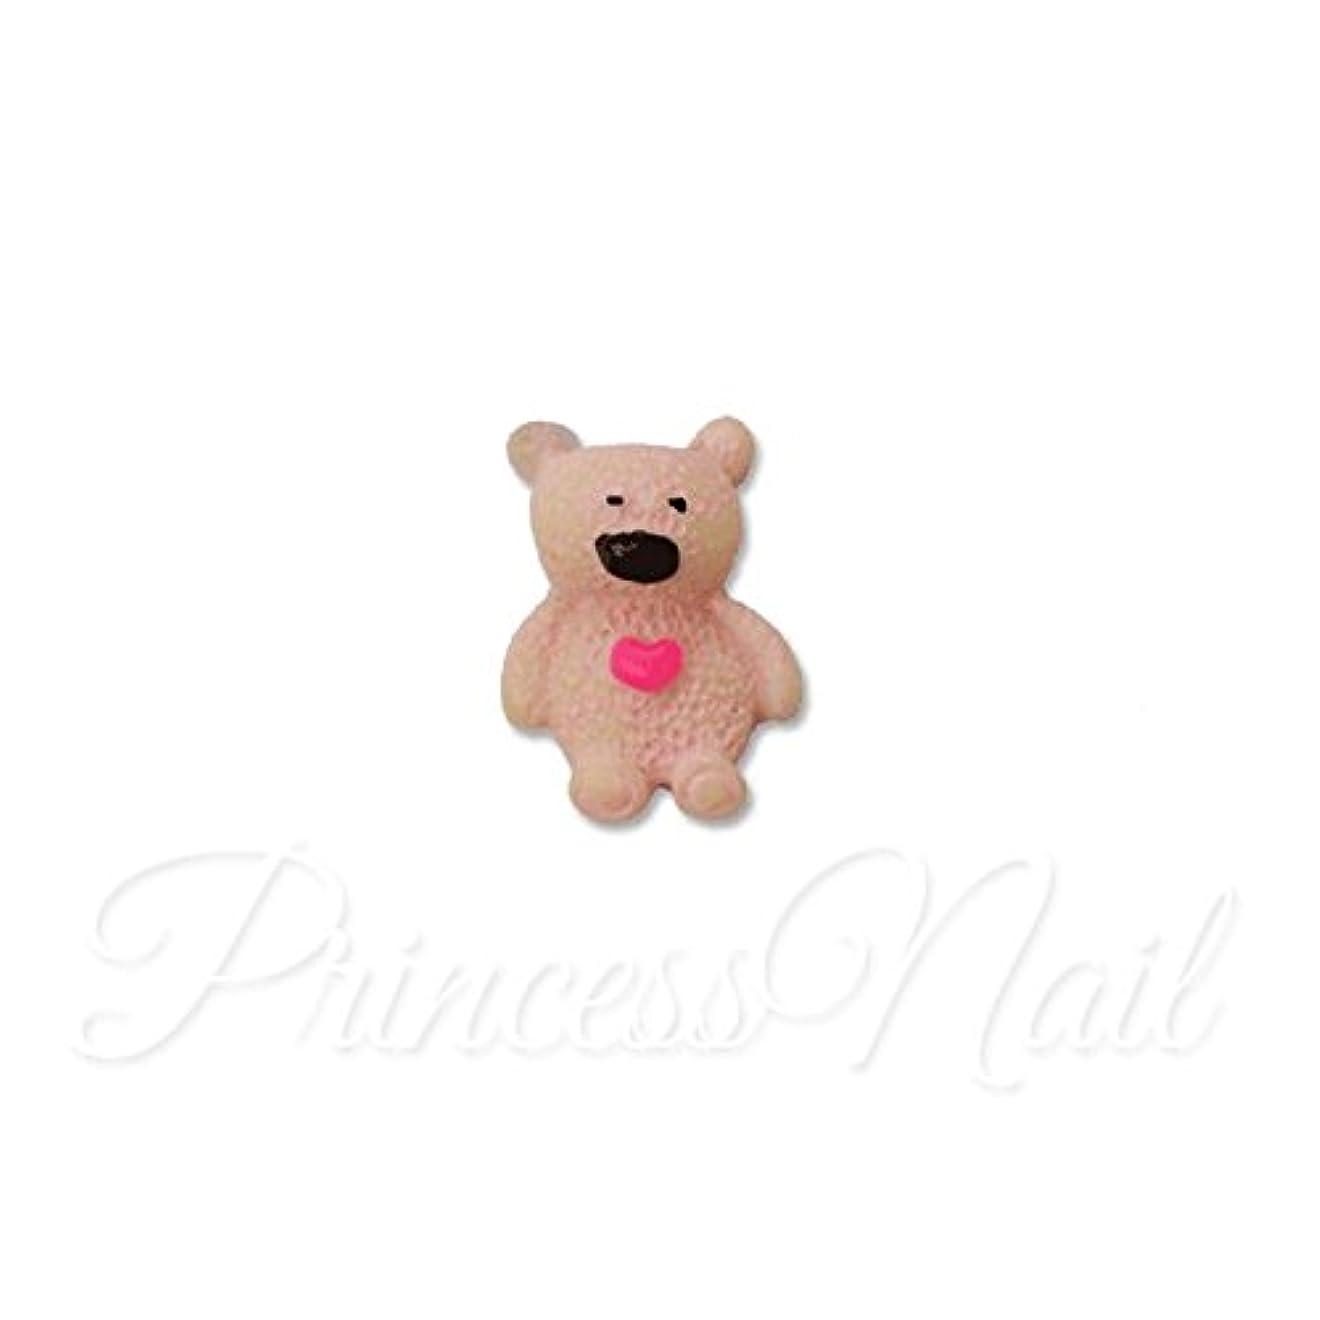 嫌いバスタブ製品デコパーツ 胸にハートの可愛いクマ ピンク16mm×12mm